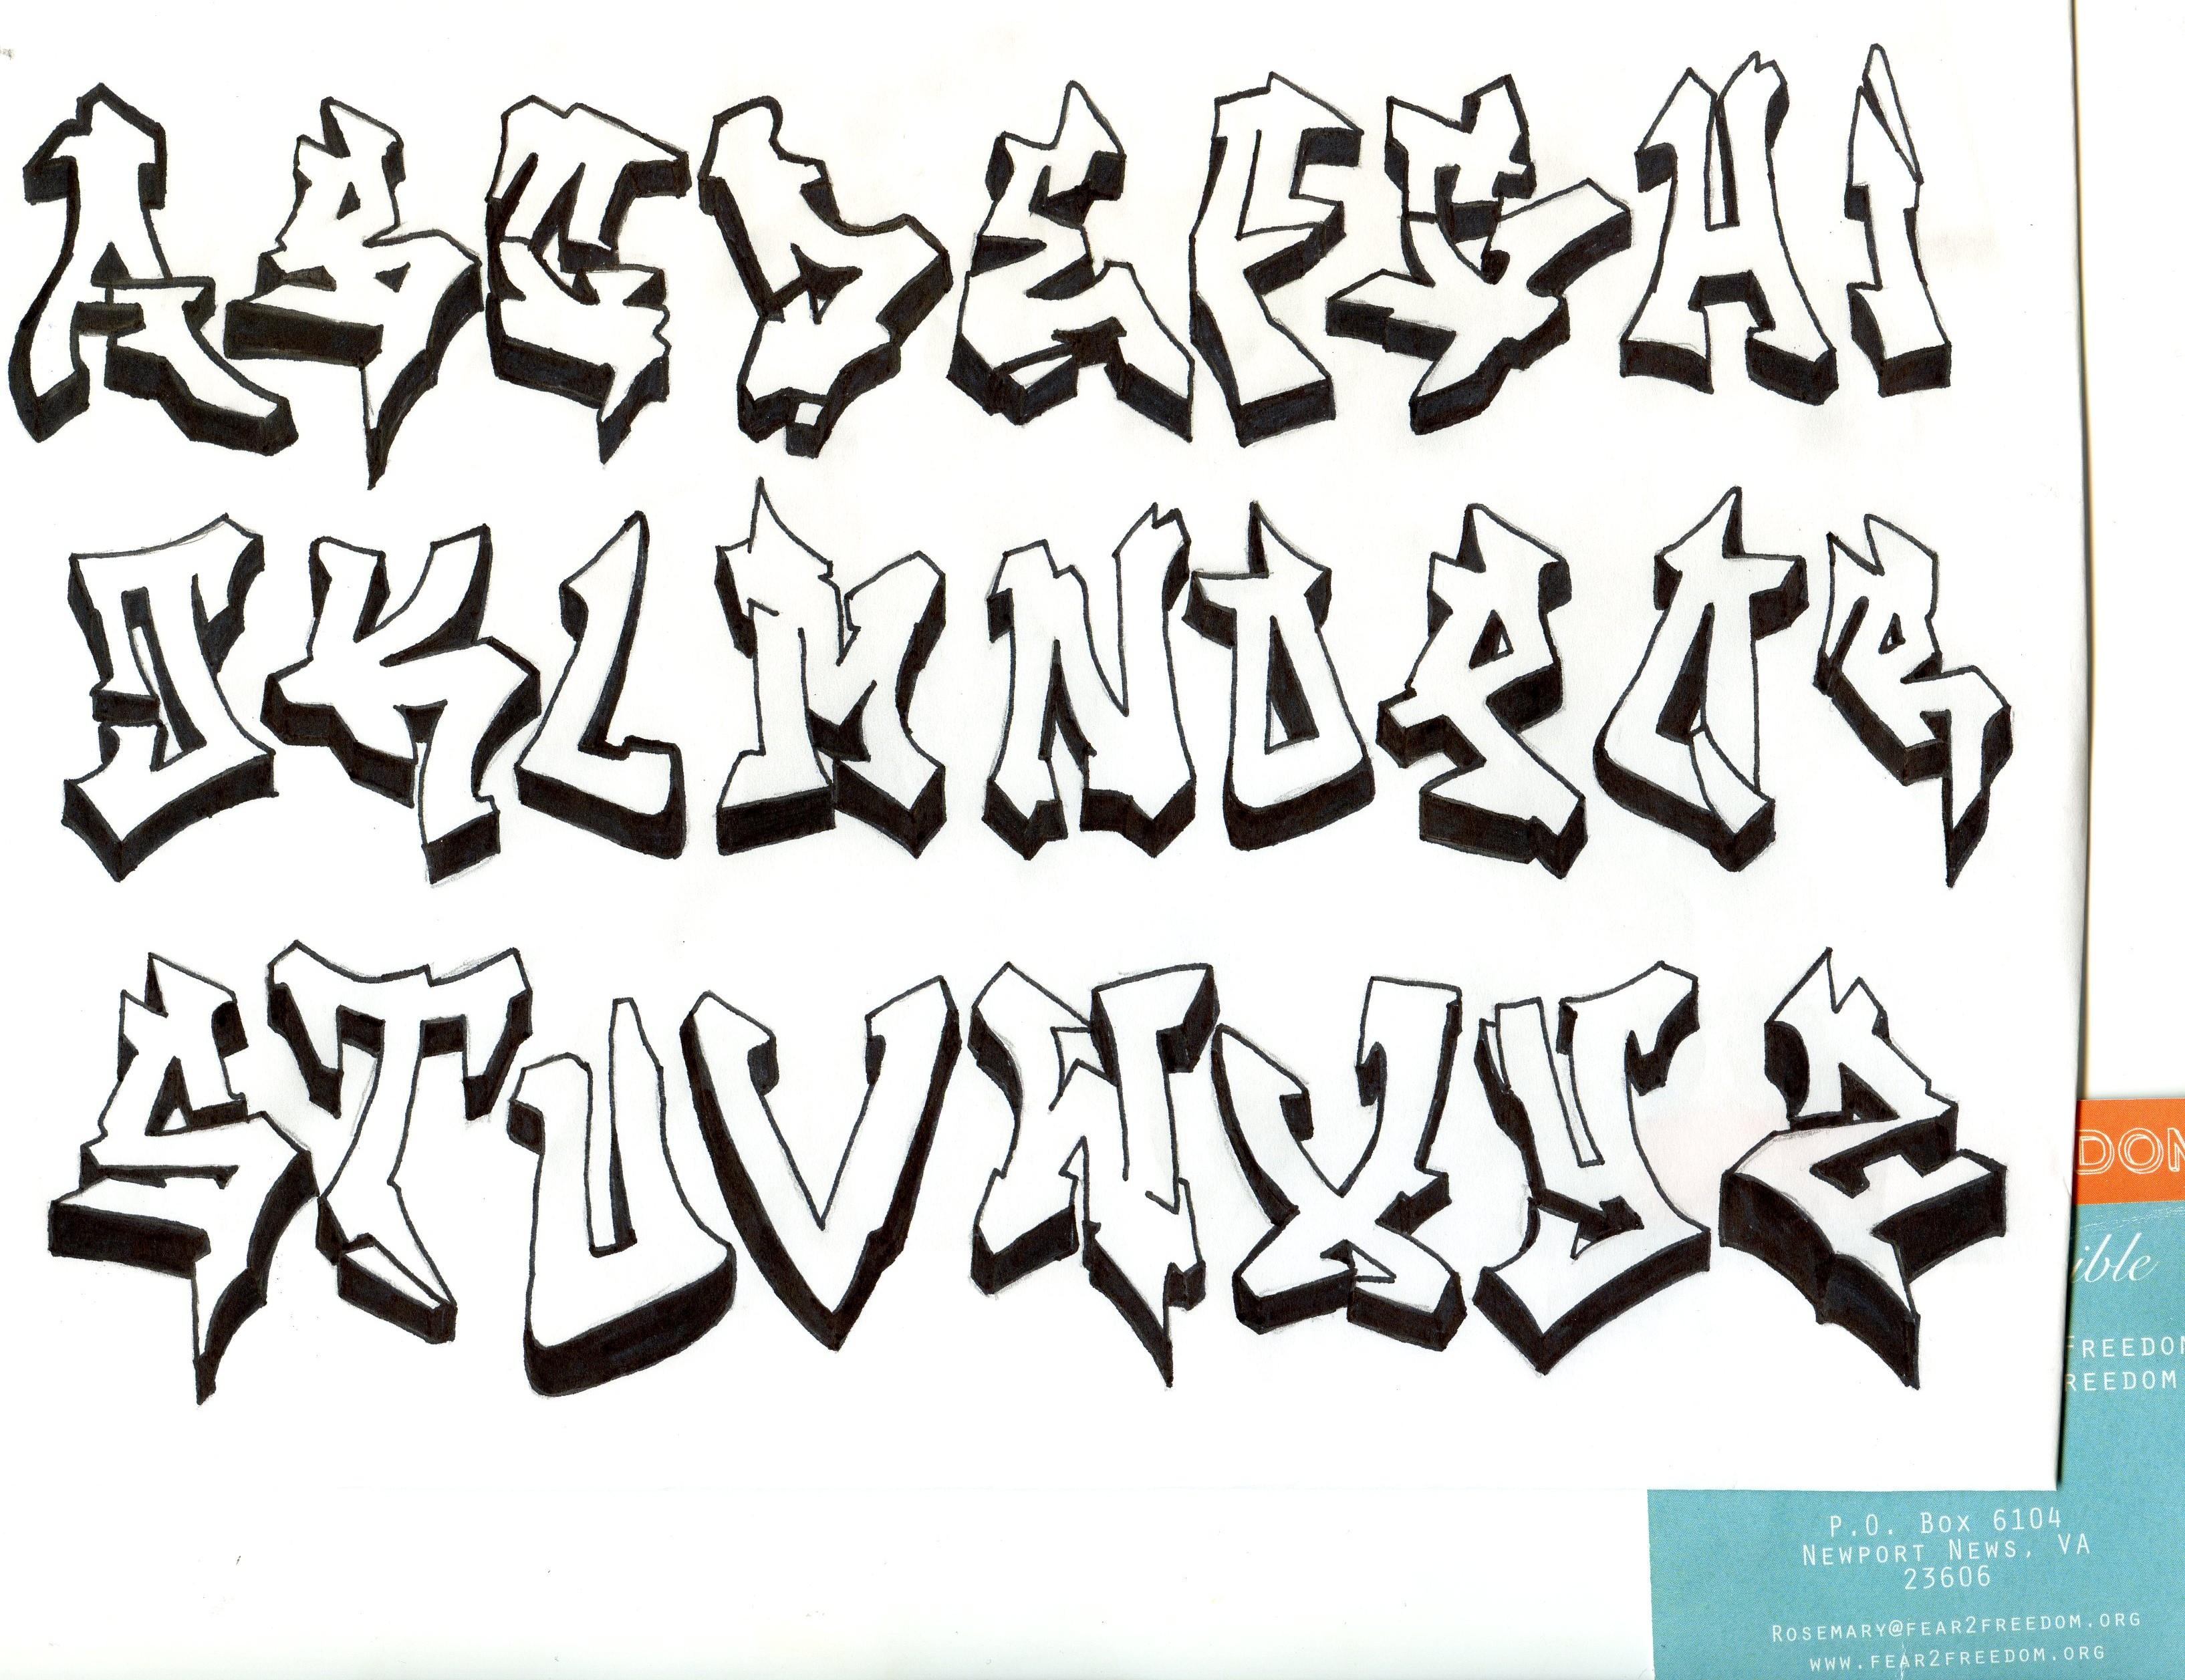 3269x2514 Graffiti Font Drawing Abc Graffiti Fonts Drawings Graffiti Fonts